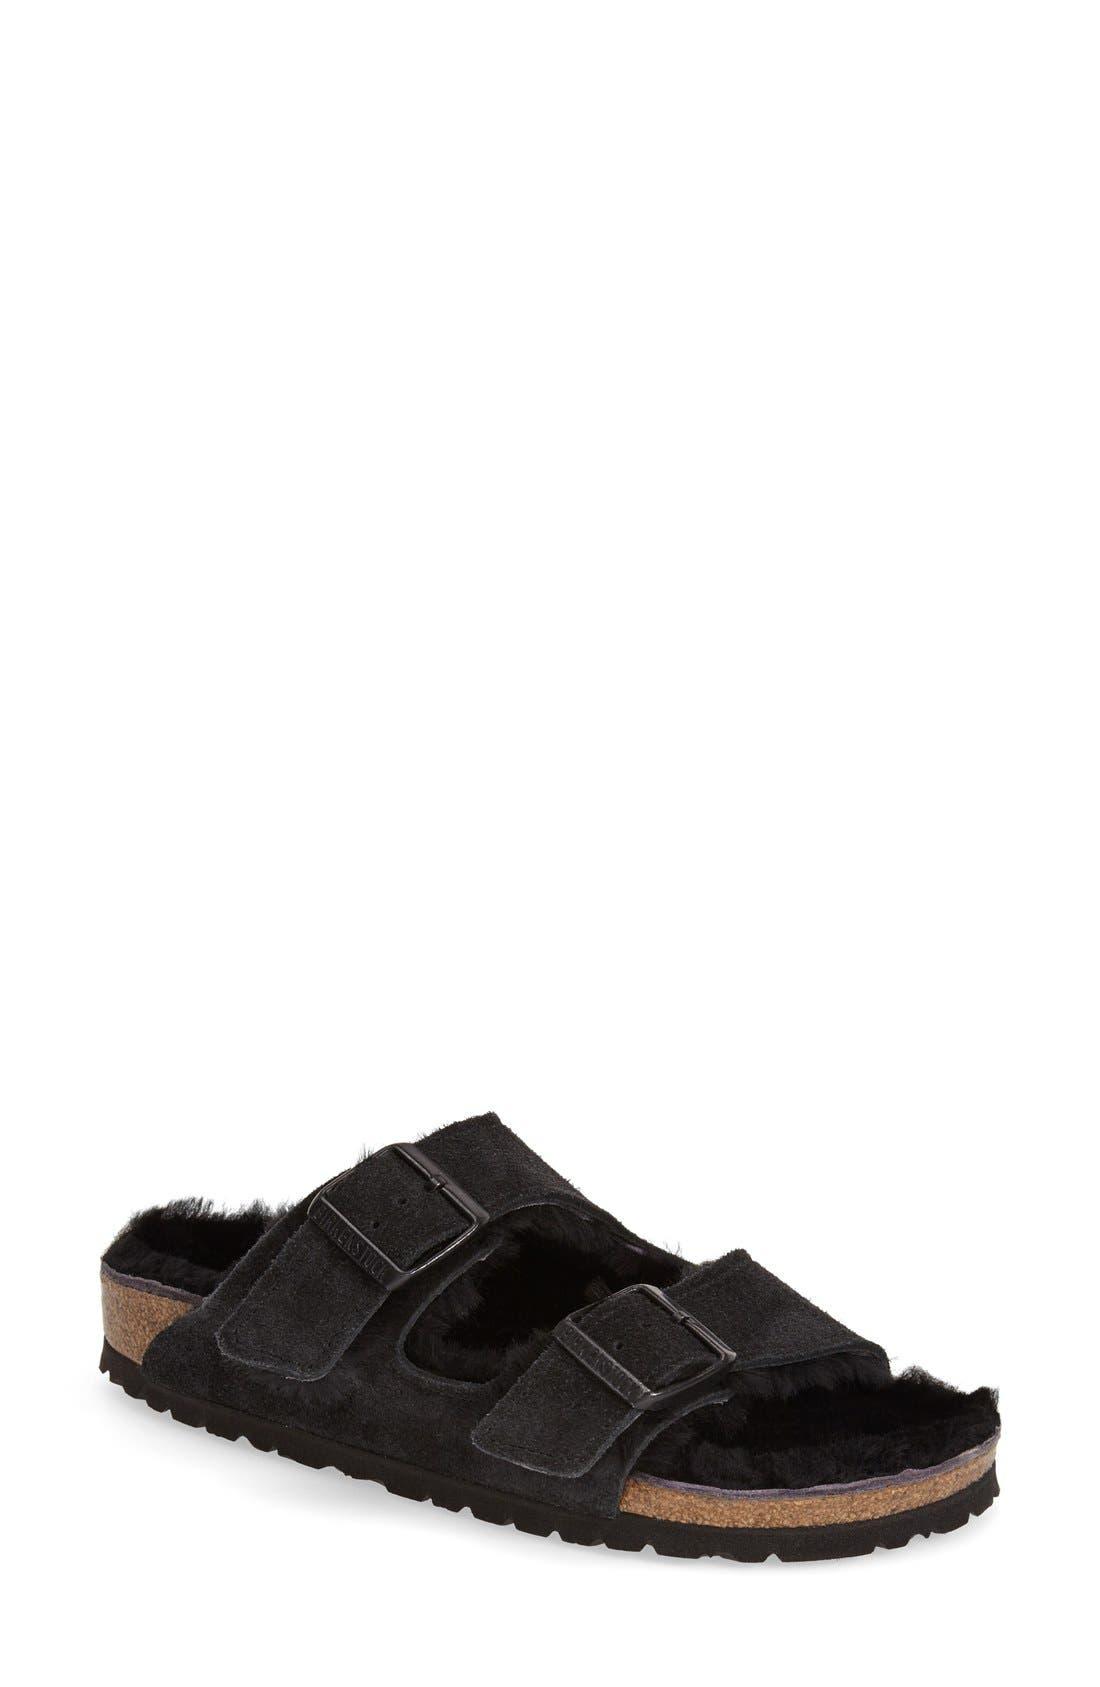 Black Sandals and Flip-Flops | Nordstrom